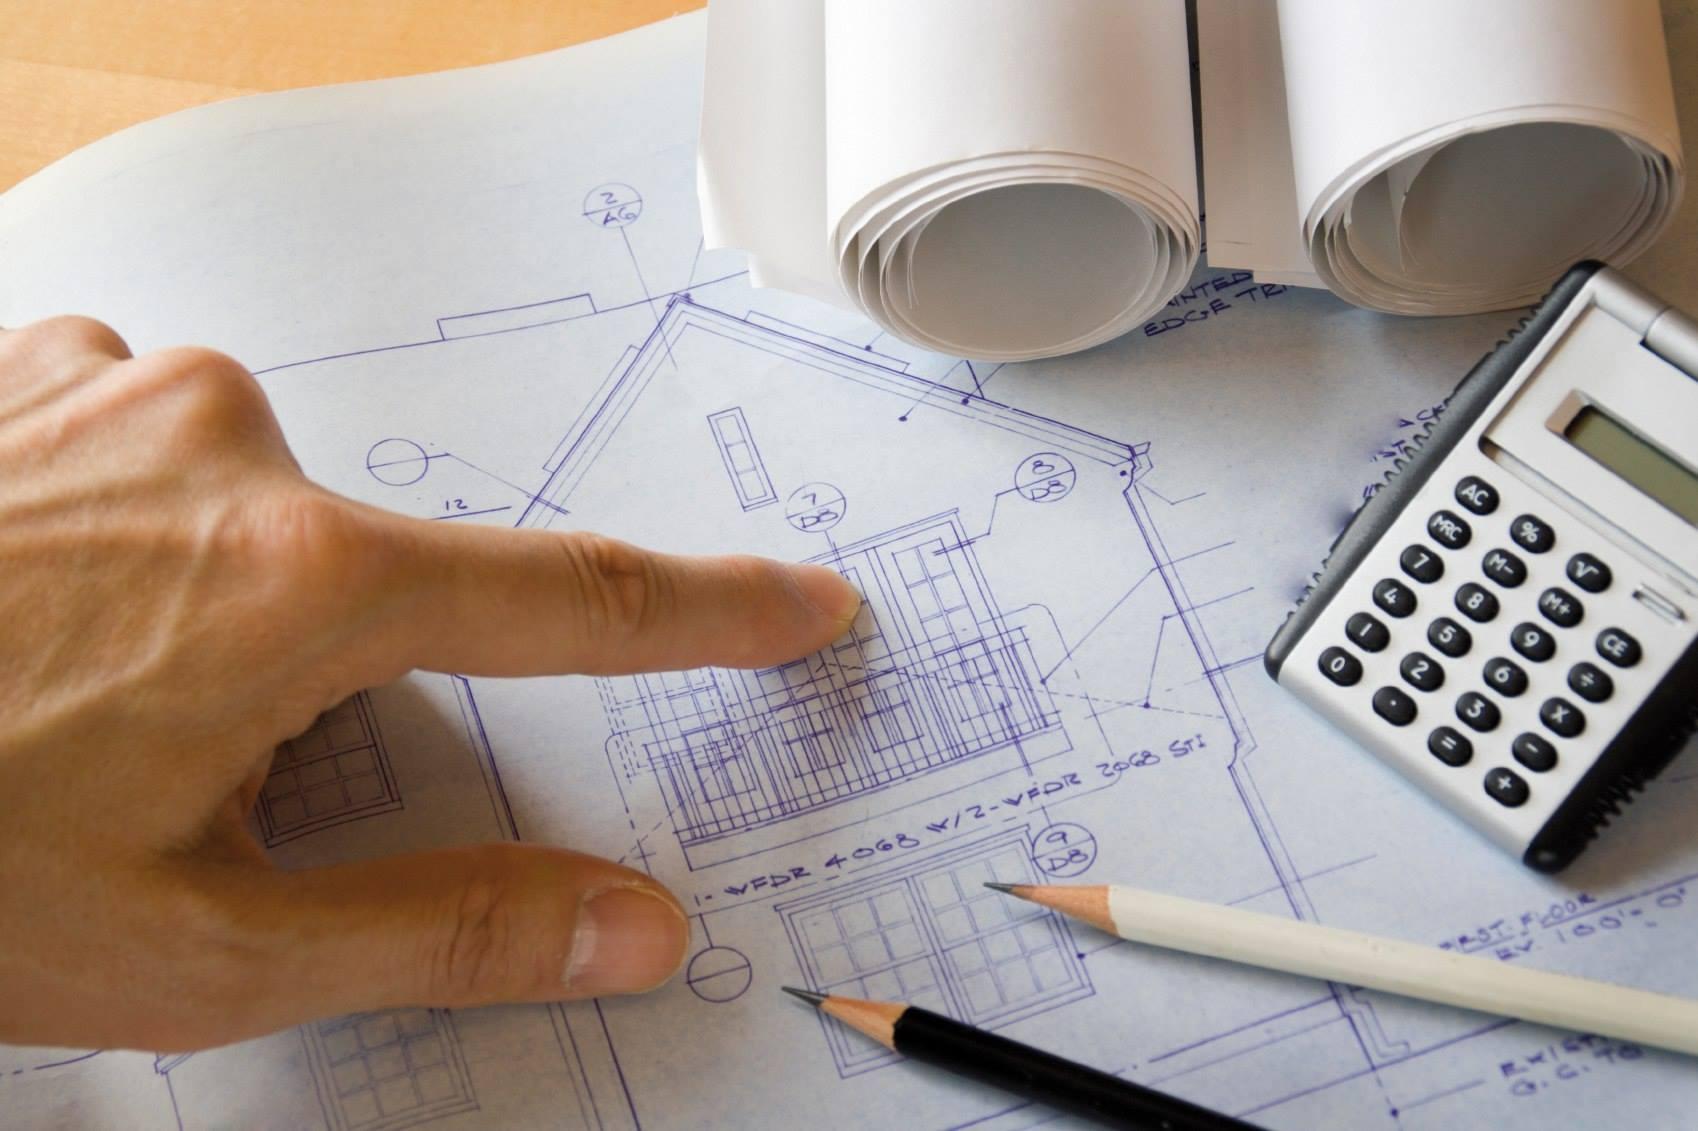 картинки инженерные расчеты рф, обсуждениях